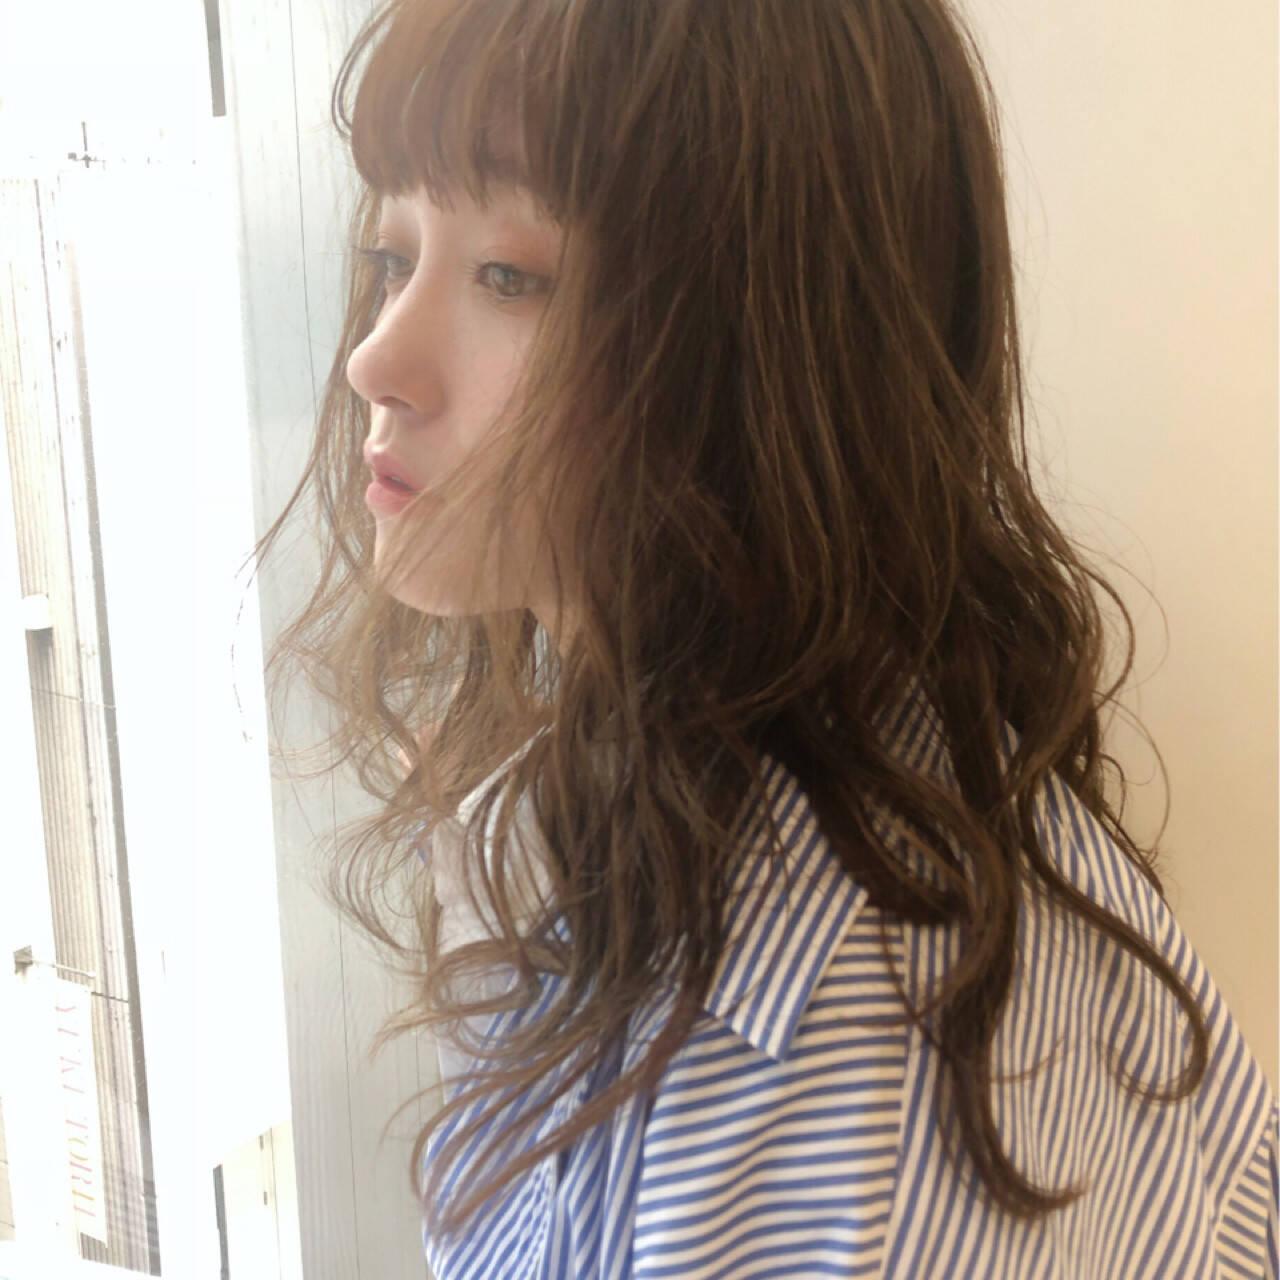 ミディアム アウトドア ゆるふわ オフィスヘアスタイルや髪型の写真・画像